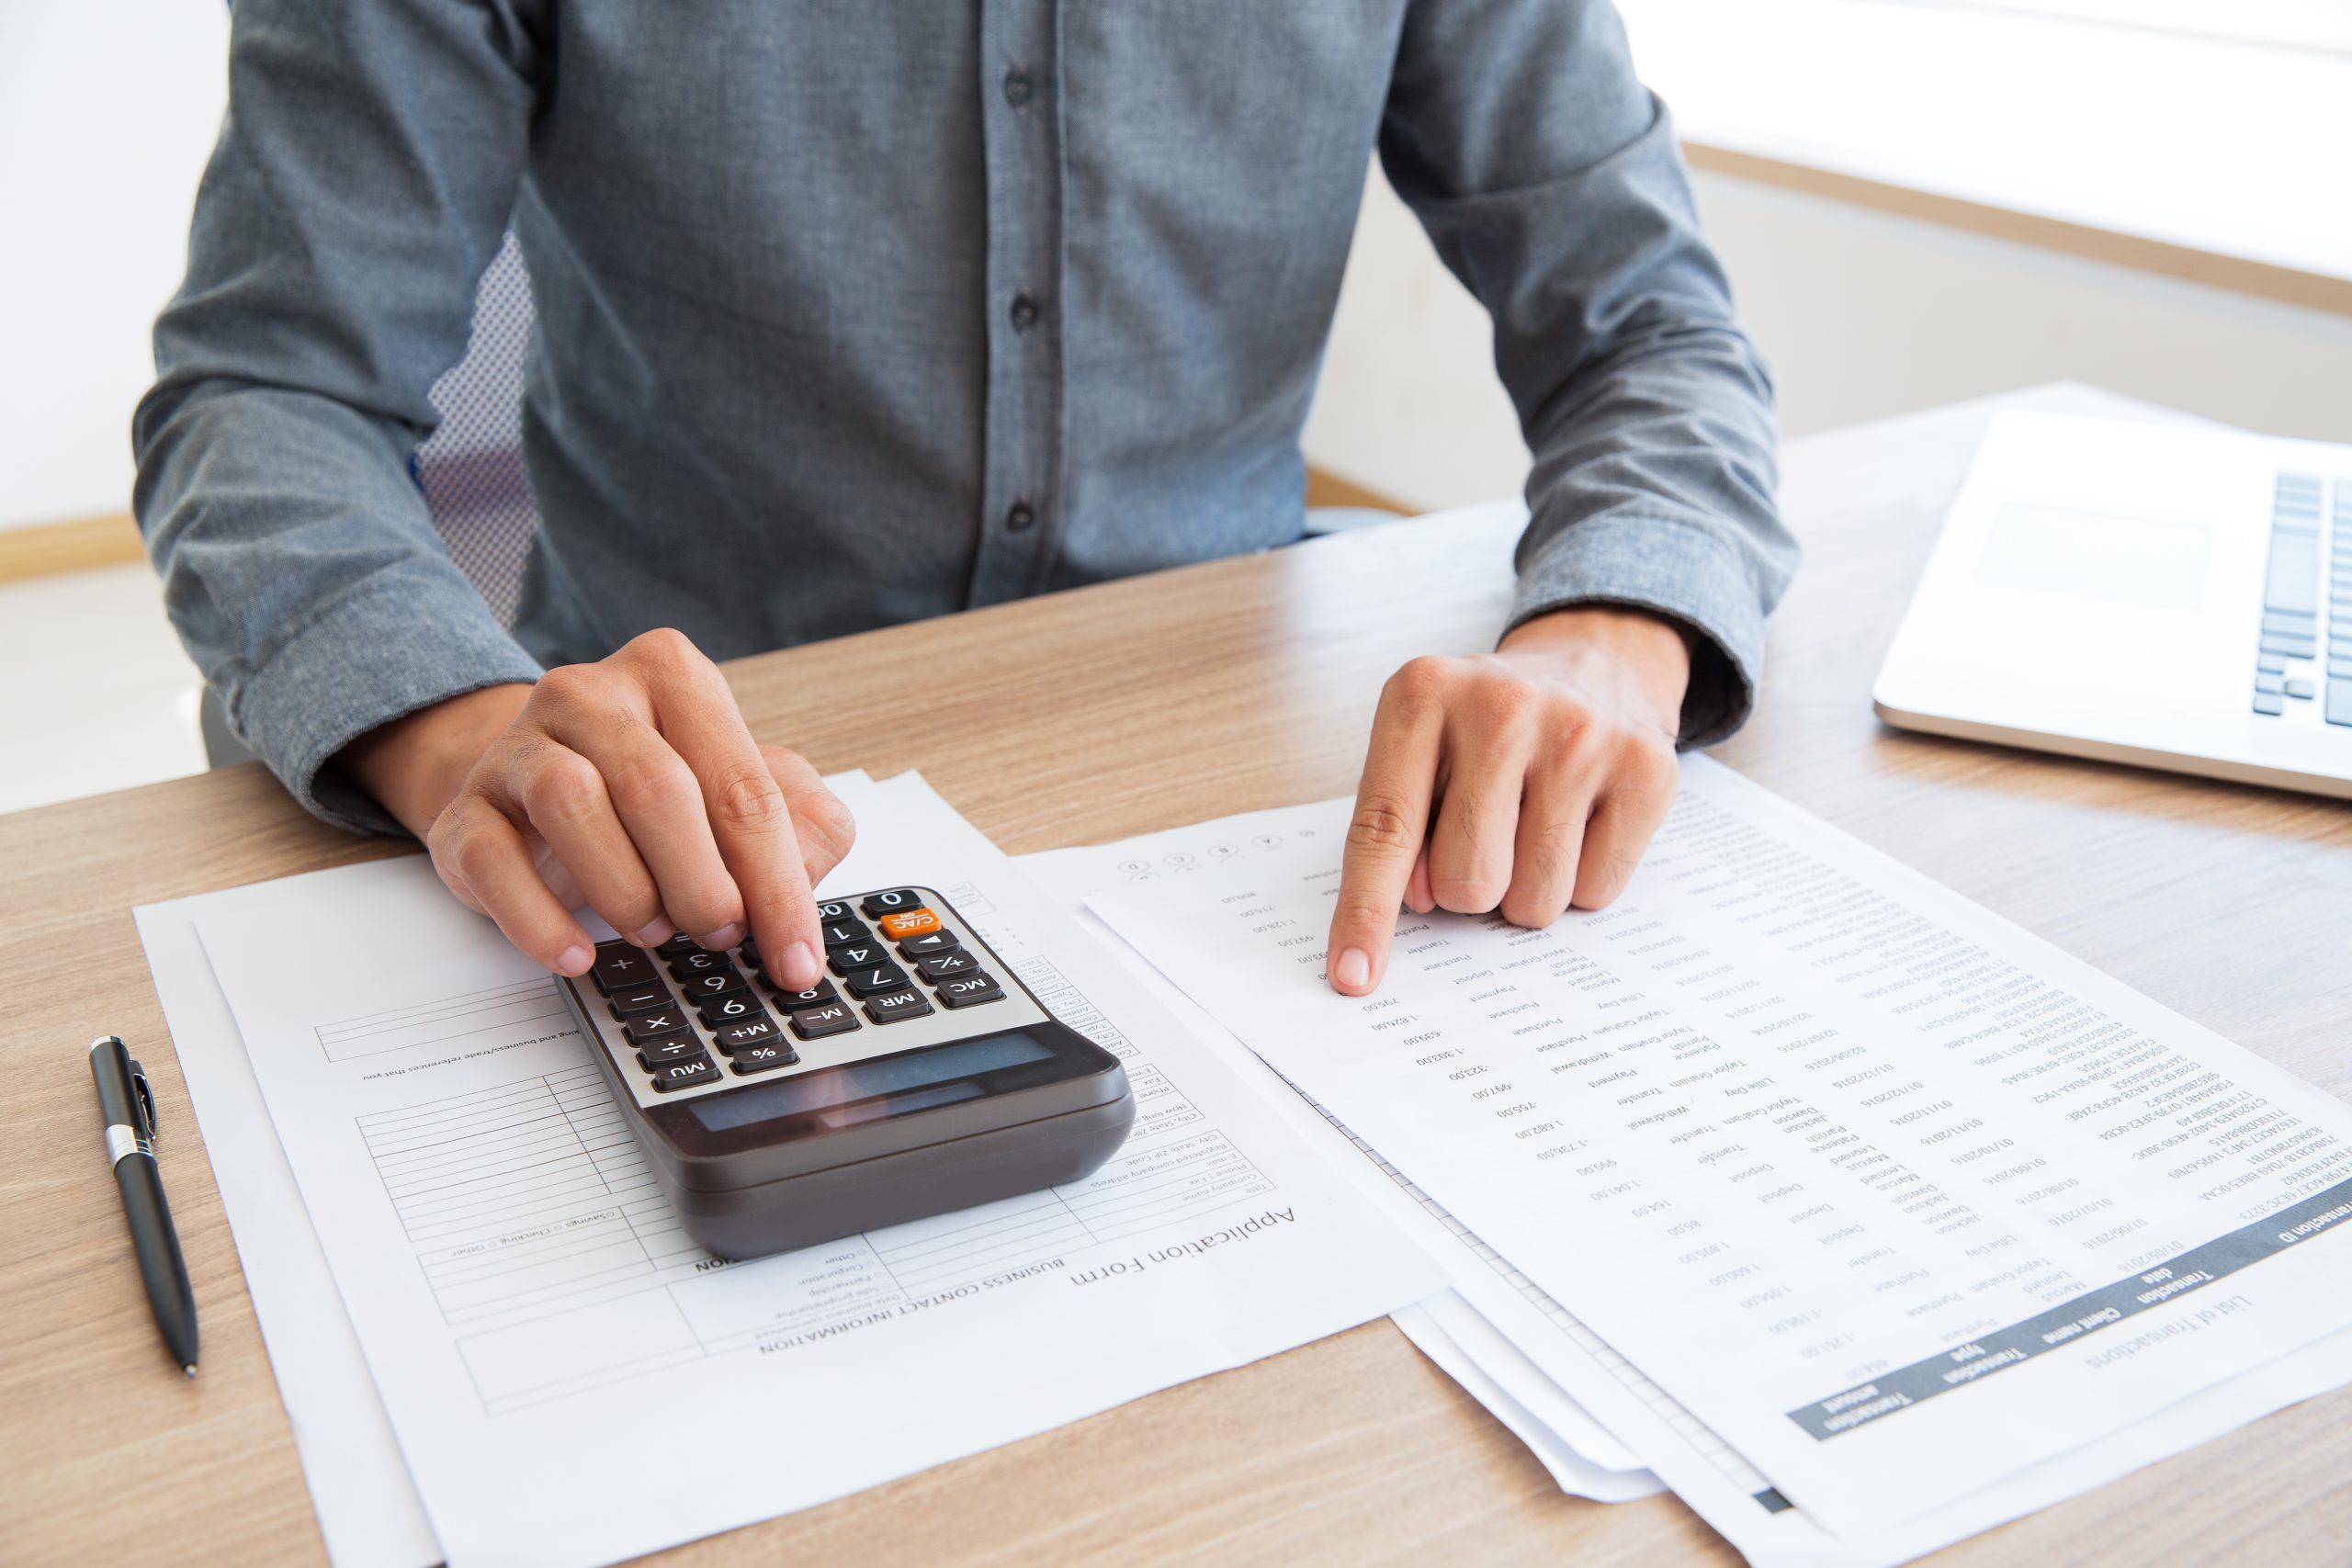 """Foto de uma pessoa mexendo em uma calculadora em cima de uma pilha de papéis para a pauta: """"Contas a pagar, uma das etapas mais complexas da administração condominial"""" para o Blog da Estasa"""